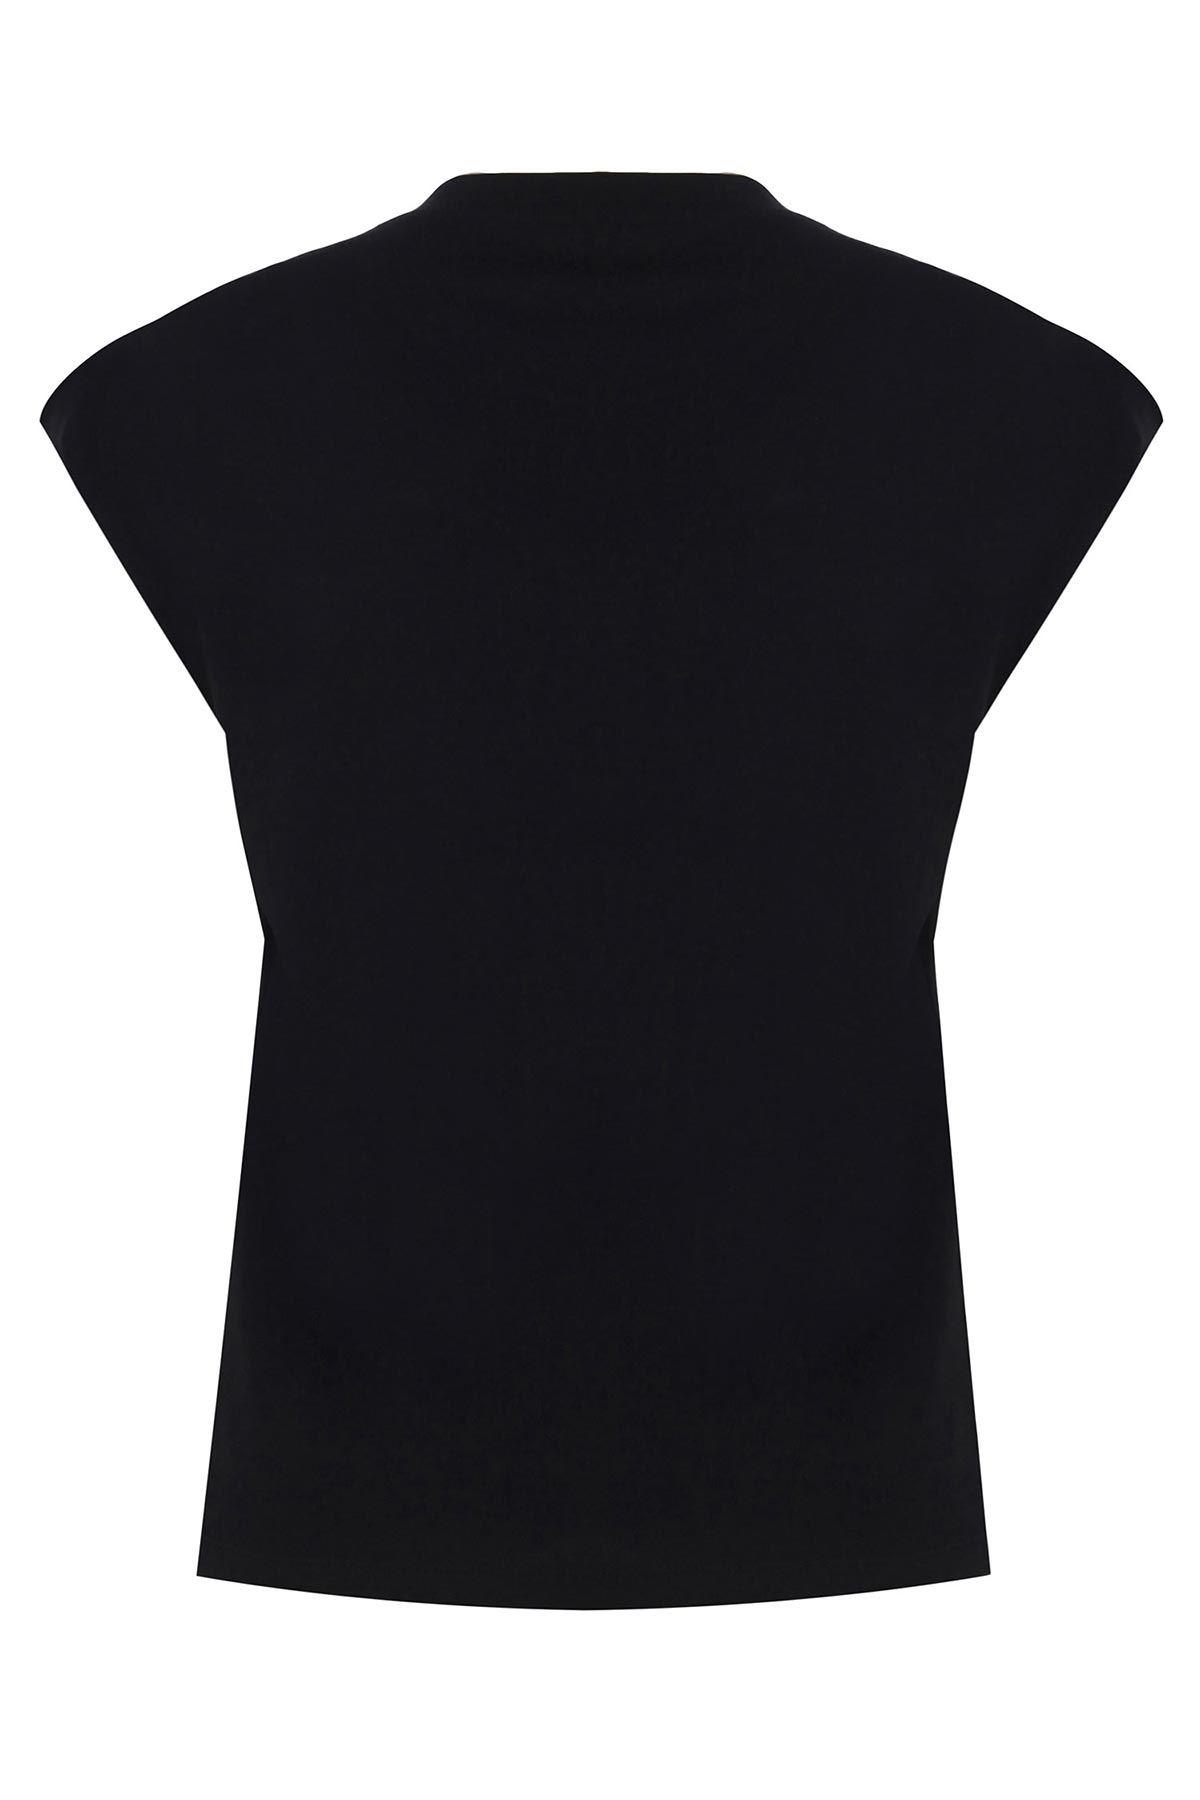 Kaplan desenli t-shirt Siyah